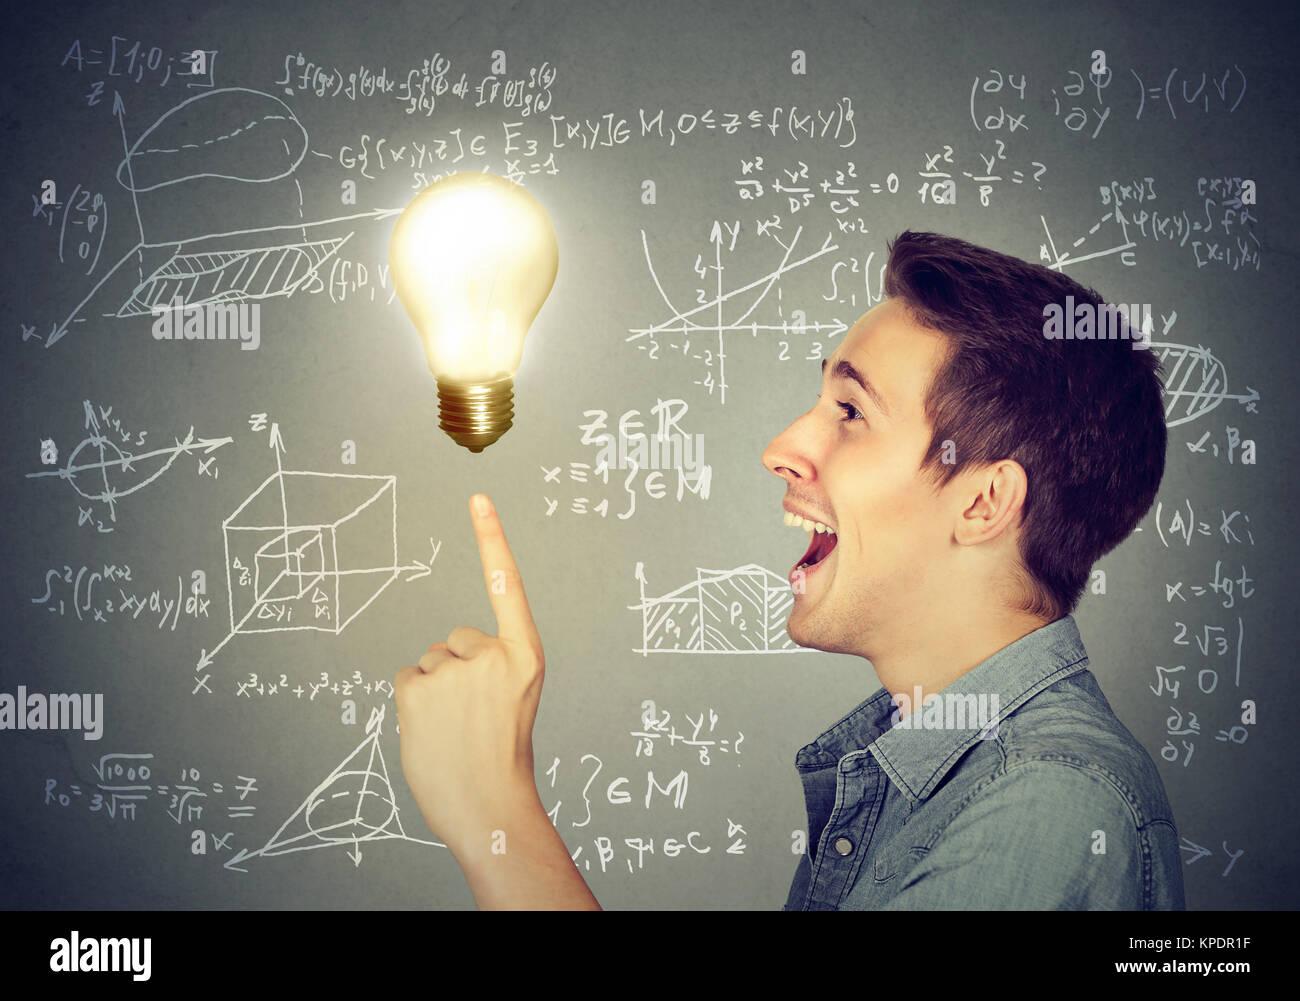 Seitliche Ansicht des Inhalts der Mensch in großen Problem Lösung posiert mit brennende Glühbirne. Stockbild